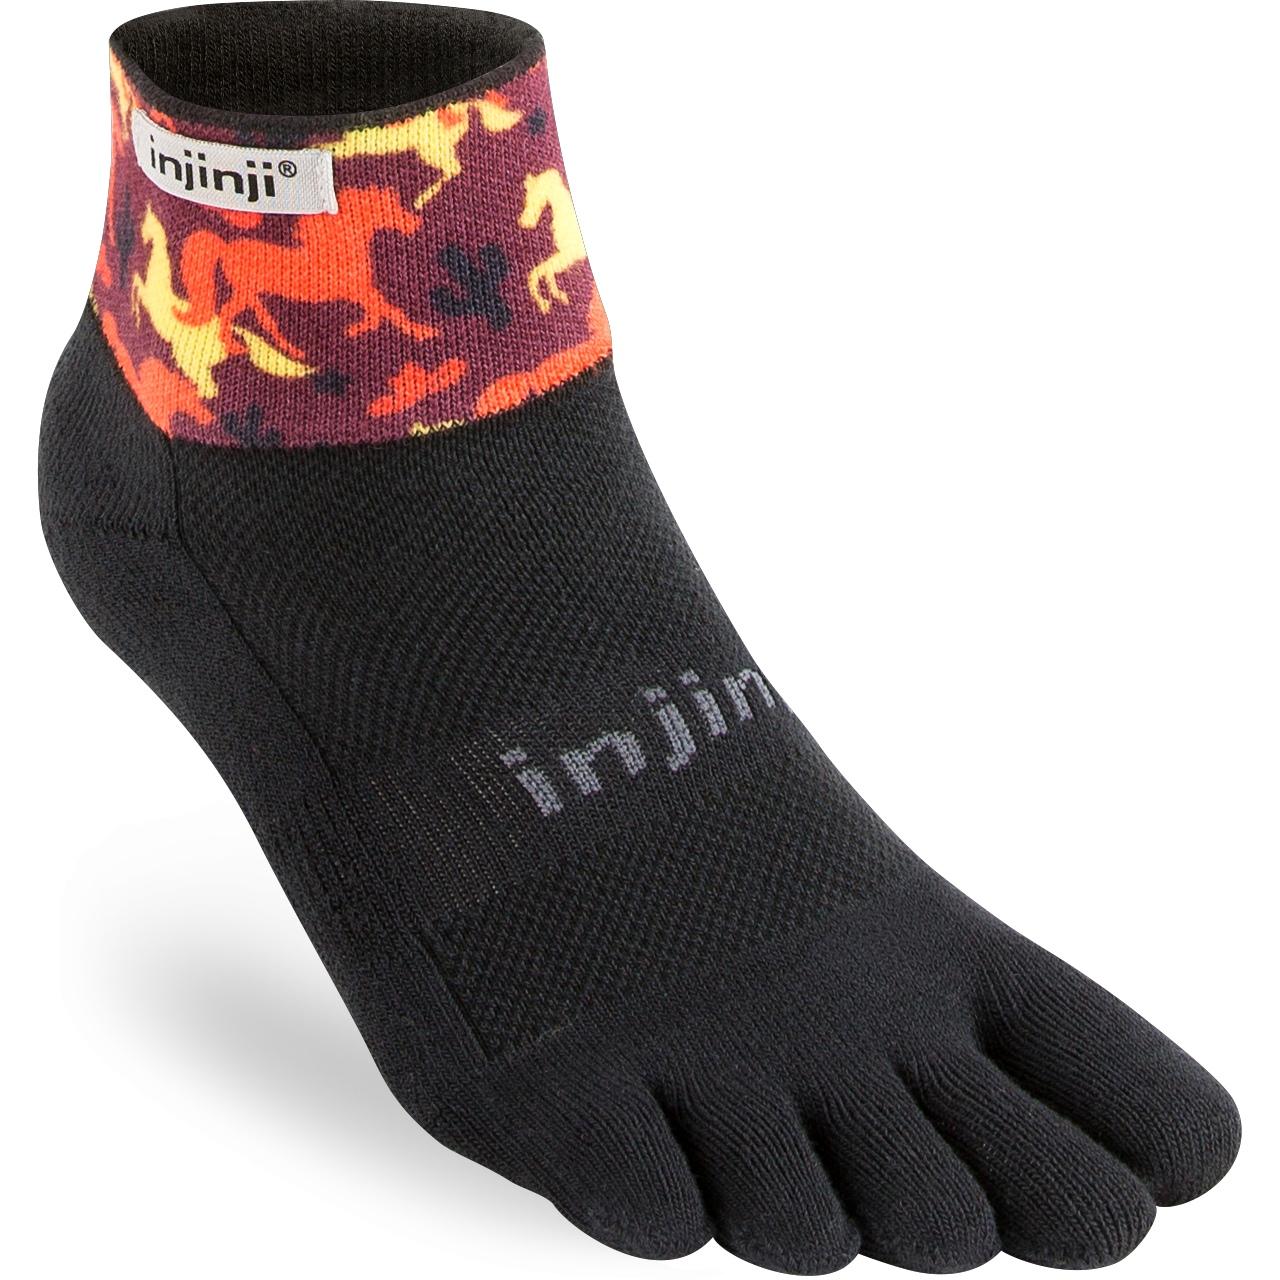 Produktbild von Injinji Spectrum Trail Midweight Mini Crew Coolmax® Xtralife Socken - west